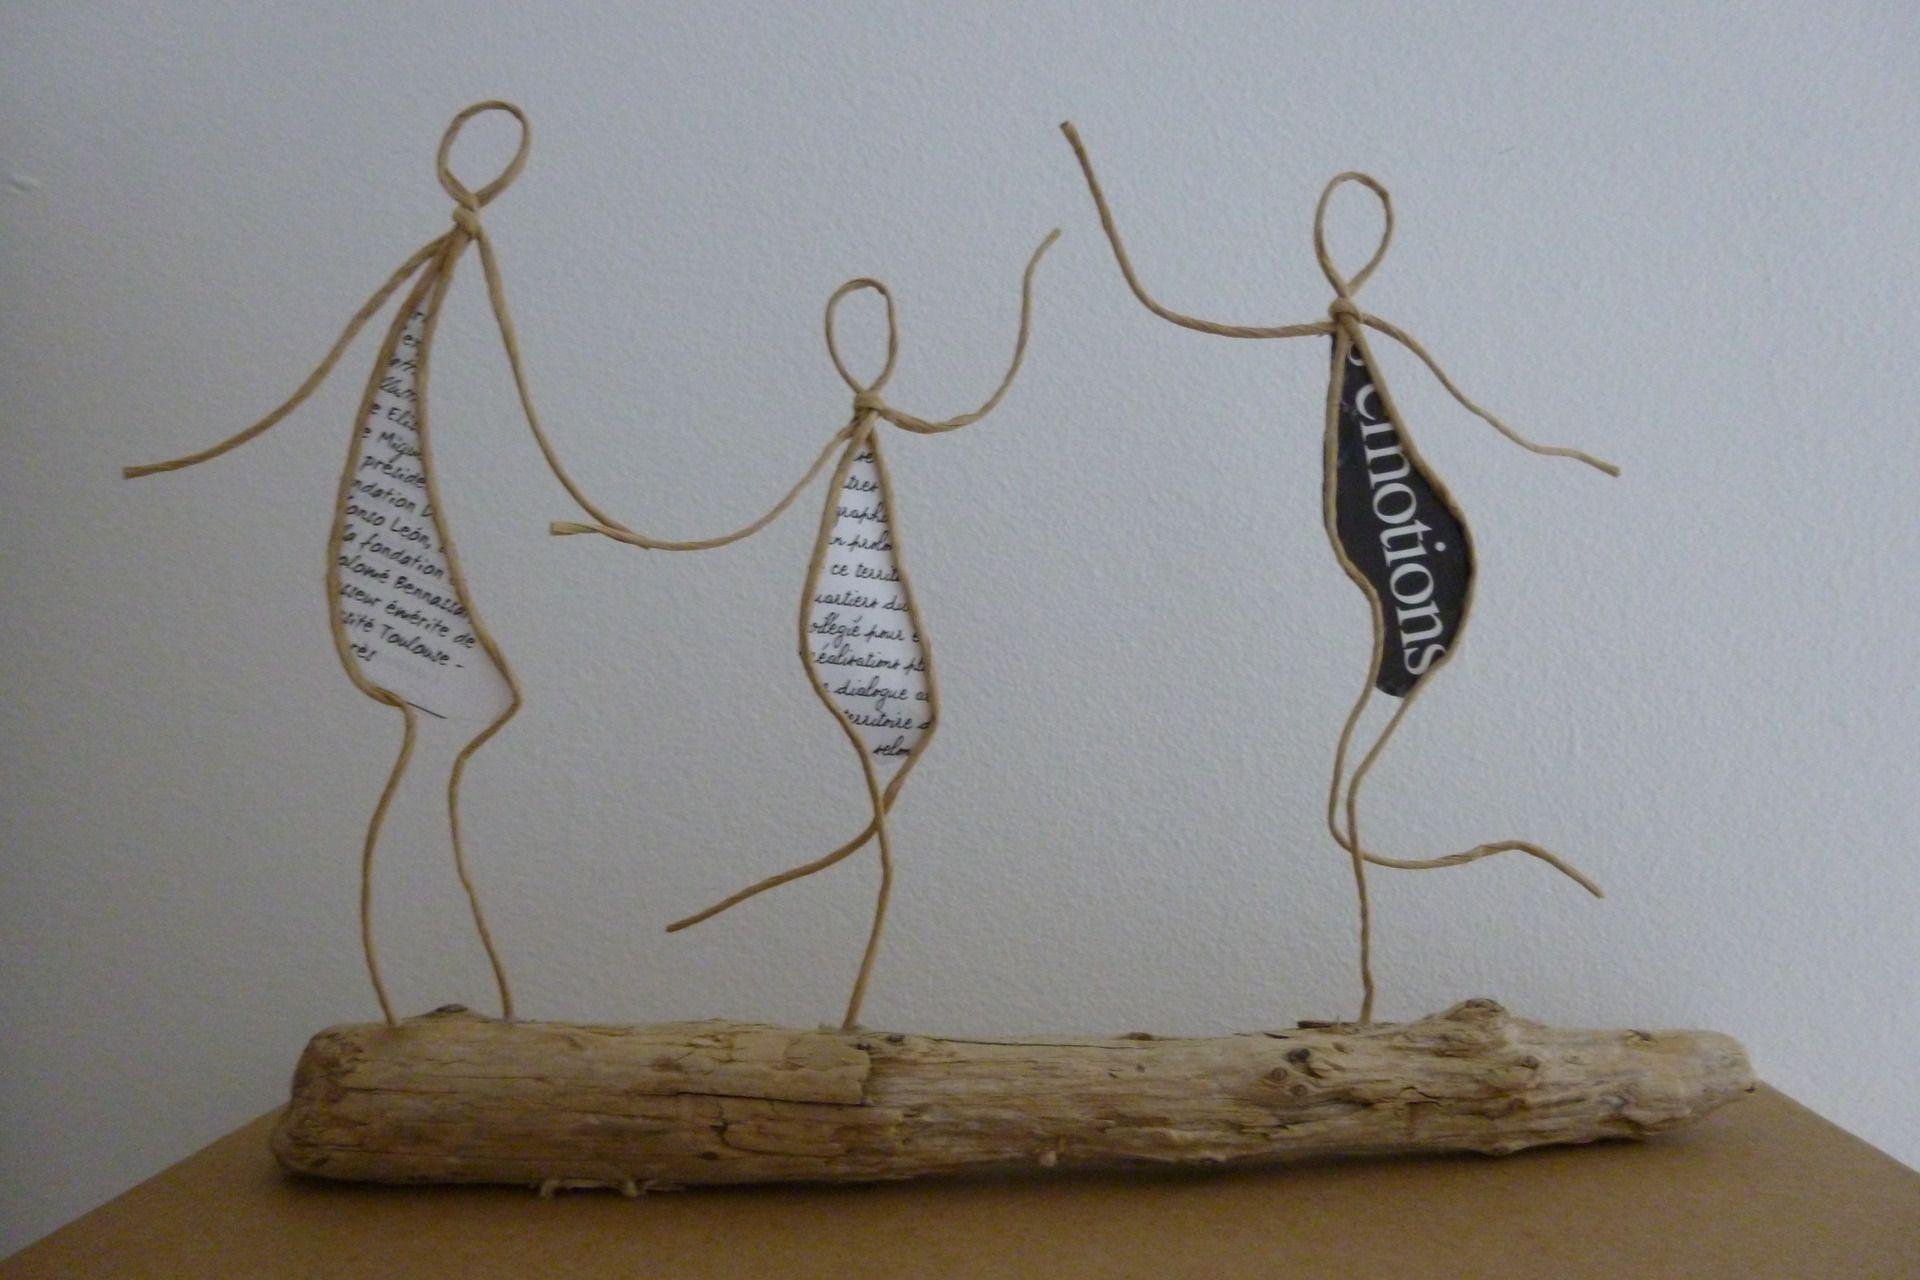 Les retrouvailles - figurines en ficelle et papier